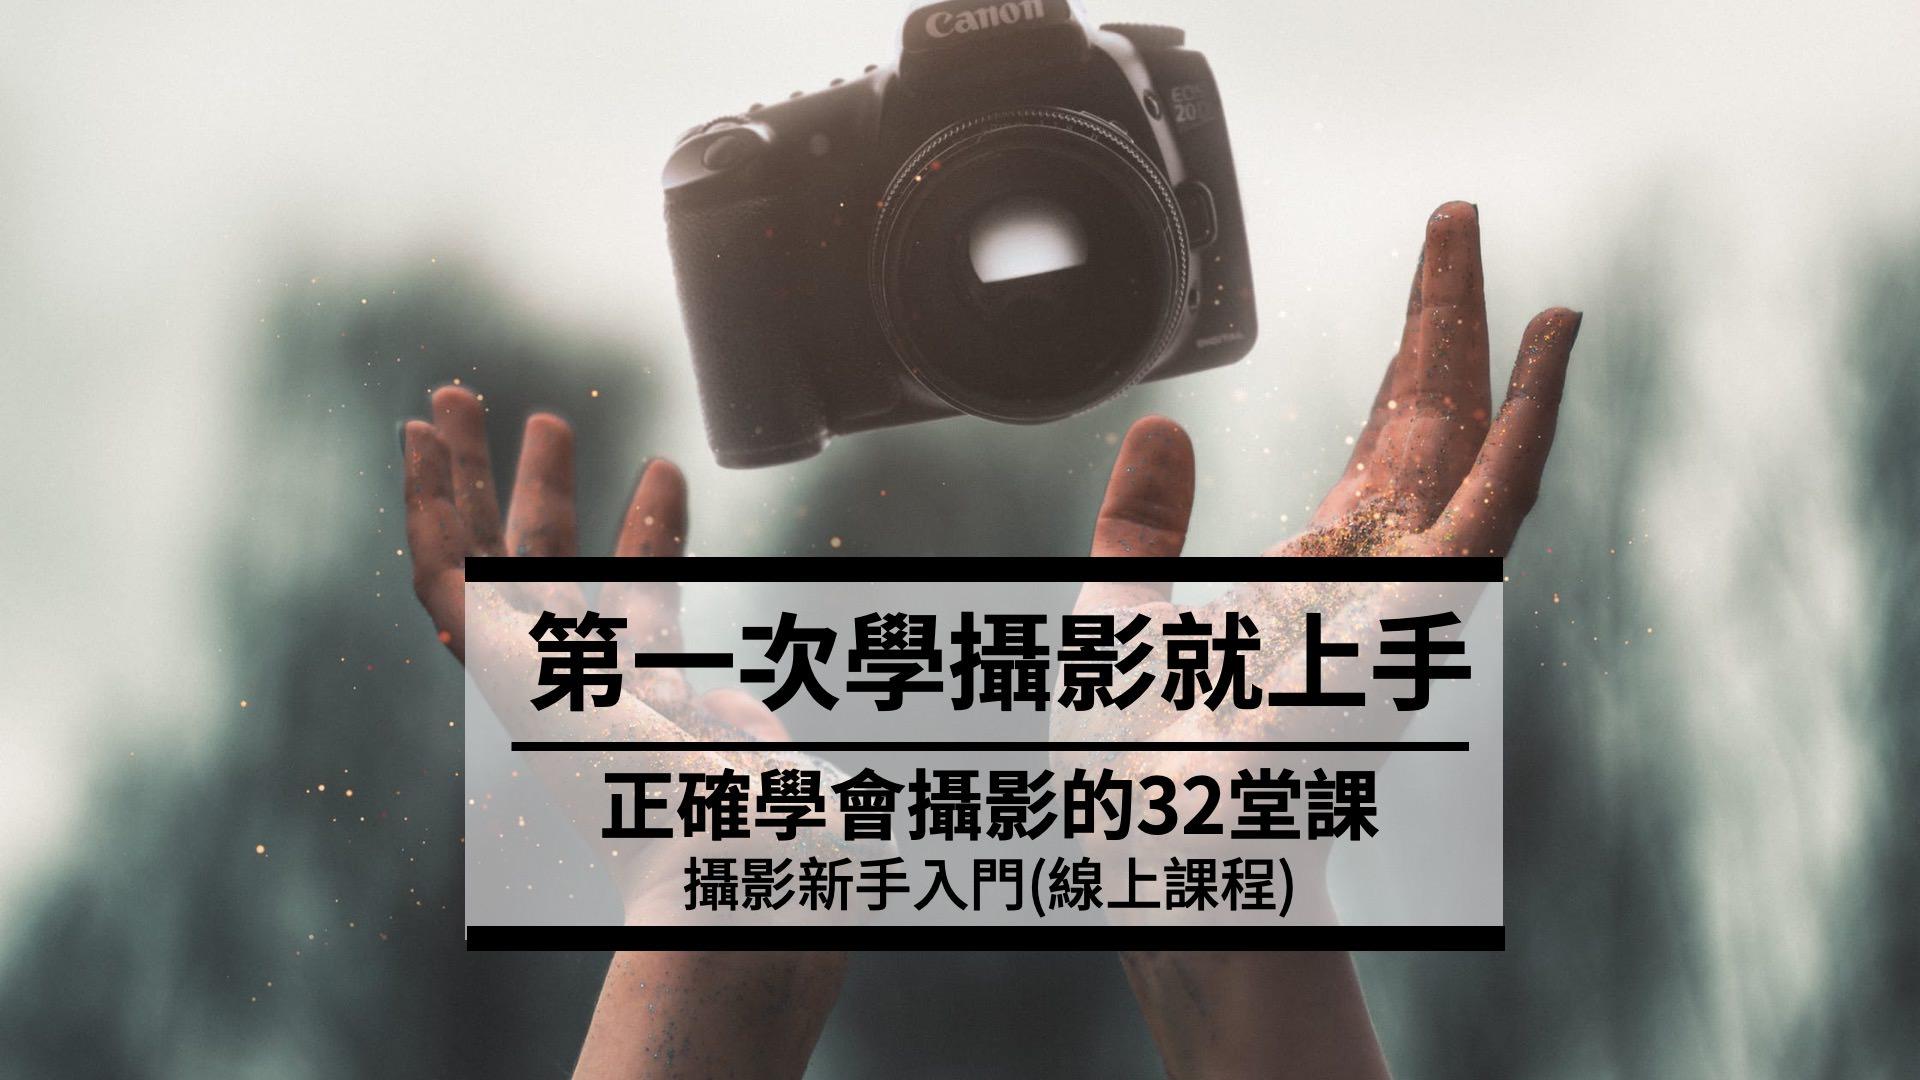 第一次學攝影就上手! 正確學會攝影的32堂課-攝影基礎新手入門課